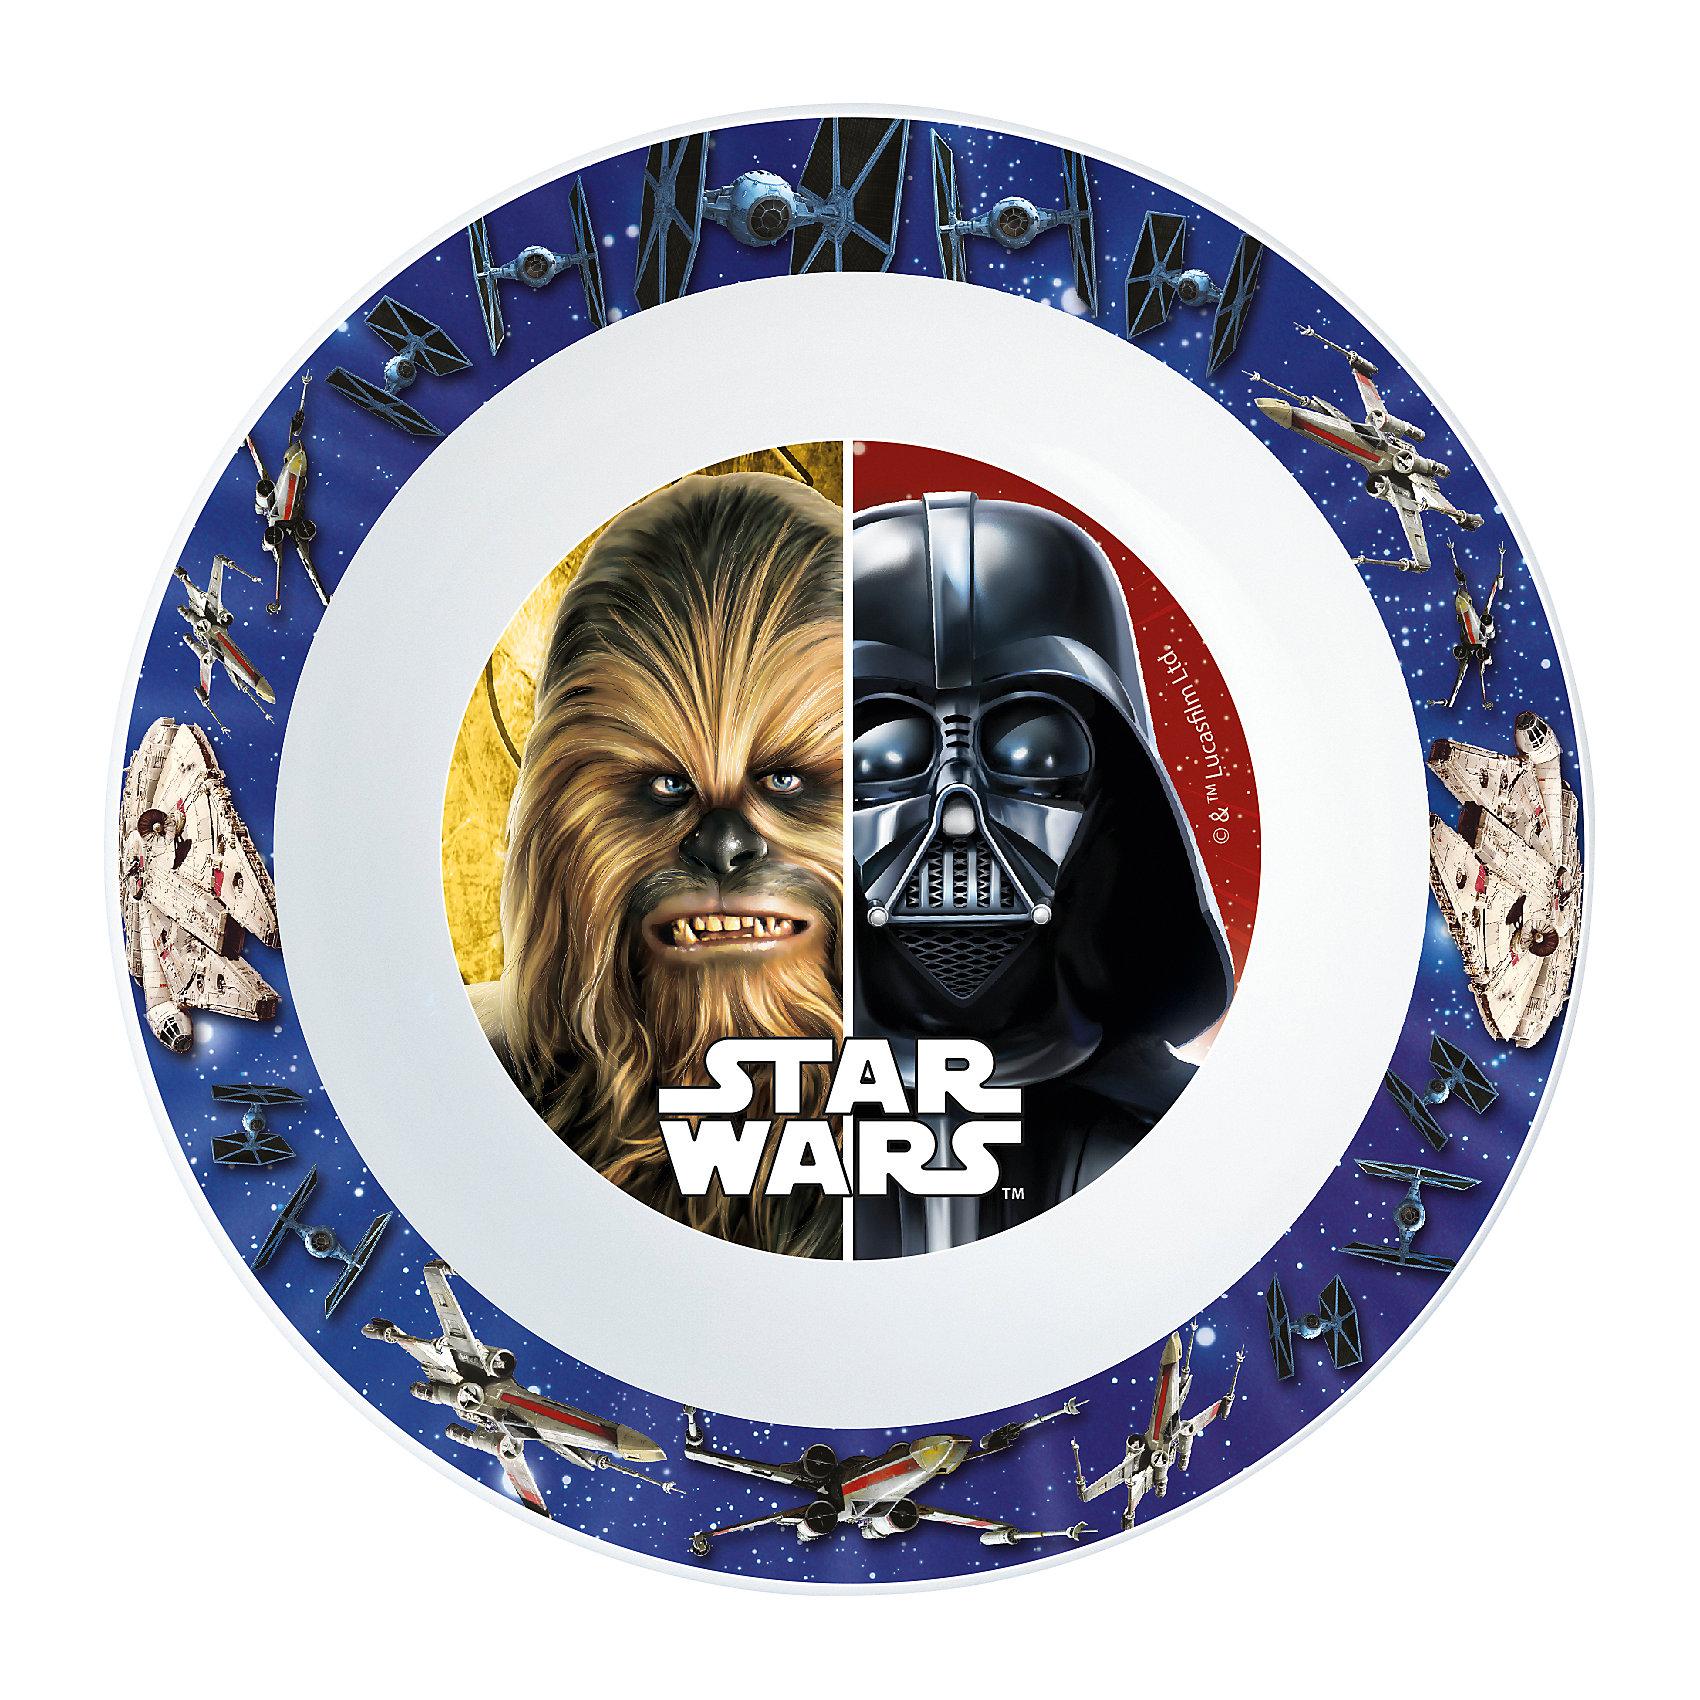 Миска пластиковая для СВЧ, Звёздные войныЗвездные войны Посуда<br>Характеристики:<br><br>• возраст: от 3 лет;<br>• материал: пищевой пластик;<br>• диаметр: 16,5 см;<br>• вес: 43 г.<br>   <br>Красочная детская миска с изображением любимых персонажей предназначена для детей от 3 лет. Яркую посуду можно использовать дома, брать с собой в дорогу или на пикник. <br><br>Глубокая миска изготовлена из высококачественного пищевого пластика. Подходит для обучения детей самостоятельному приему пищи, она не бьется и безопасна для малышей.<br><br>Миску можно использовать для горячих блюд и СВЧ. <br><br>Миска пластиковая для СВЧ, Звёздные войны, ND Play можно приобрести в нашем интернет-магазине.<br><br>Ширина мм: 165<br>Глубина мм: 37<br>Высота мм: 165<br>Вес г: 43<br>Возраст от месяцев: 36<br>Возраст до месяцев: 2147483647<br>Пол: Унисекс<br>Возраст: Детский<br>SKU: 7010336